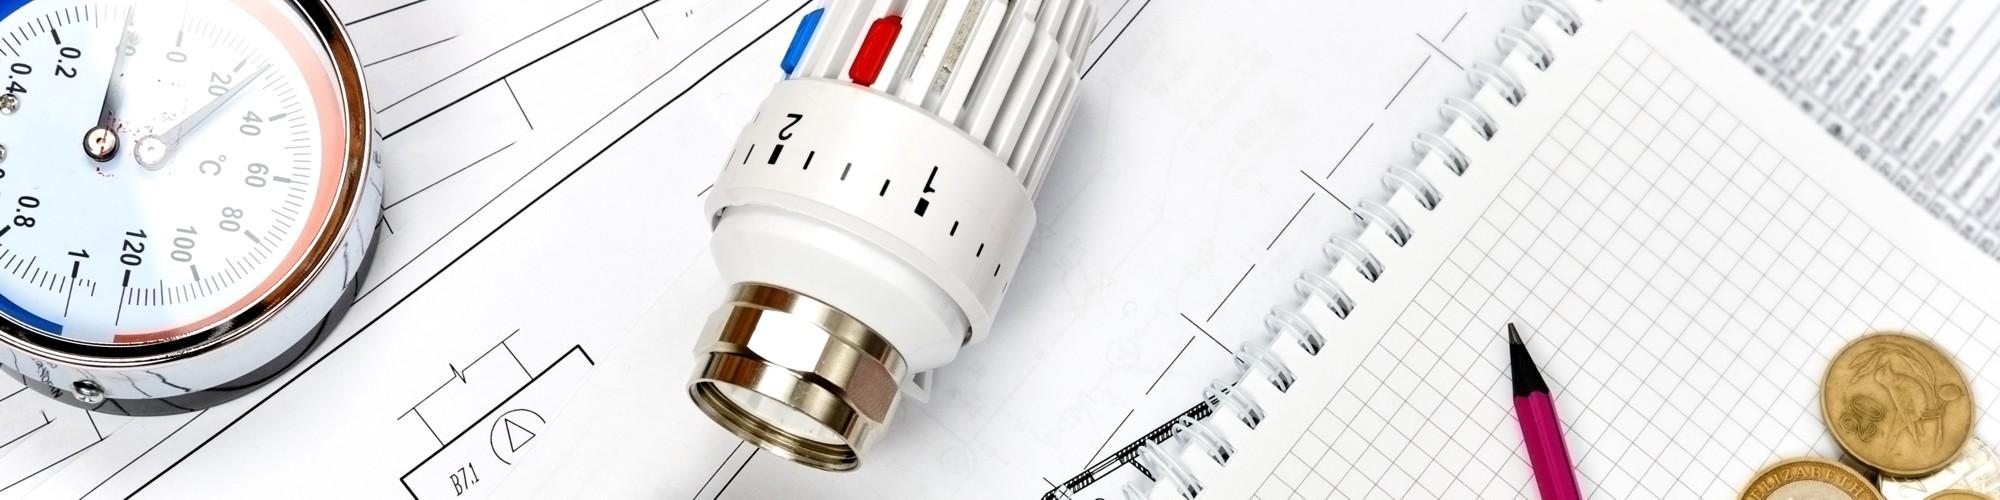 Foto Thermostat und Thermometer liegen auf Zeichnungen